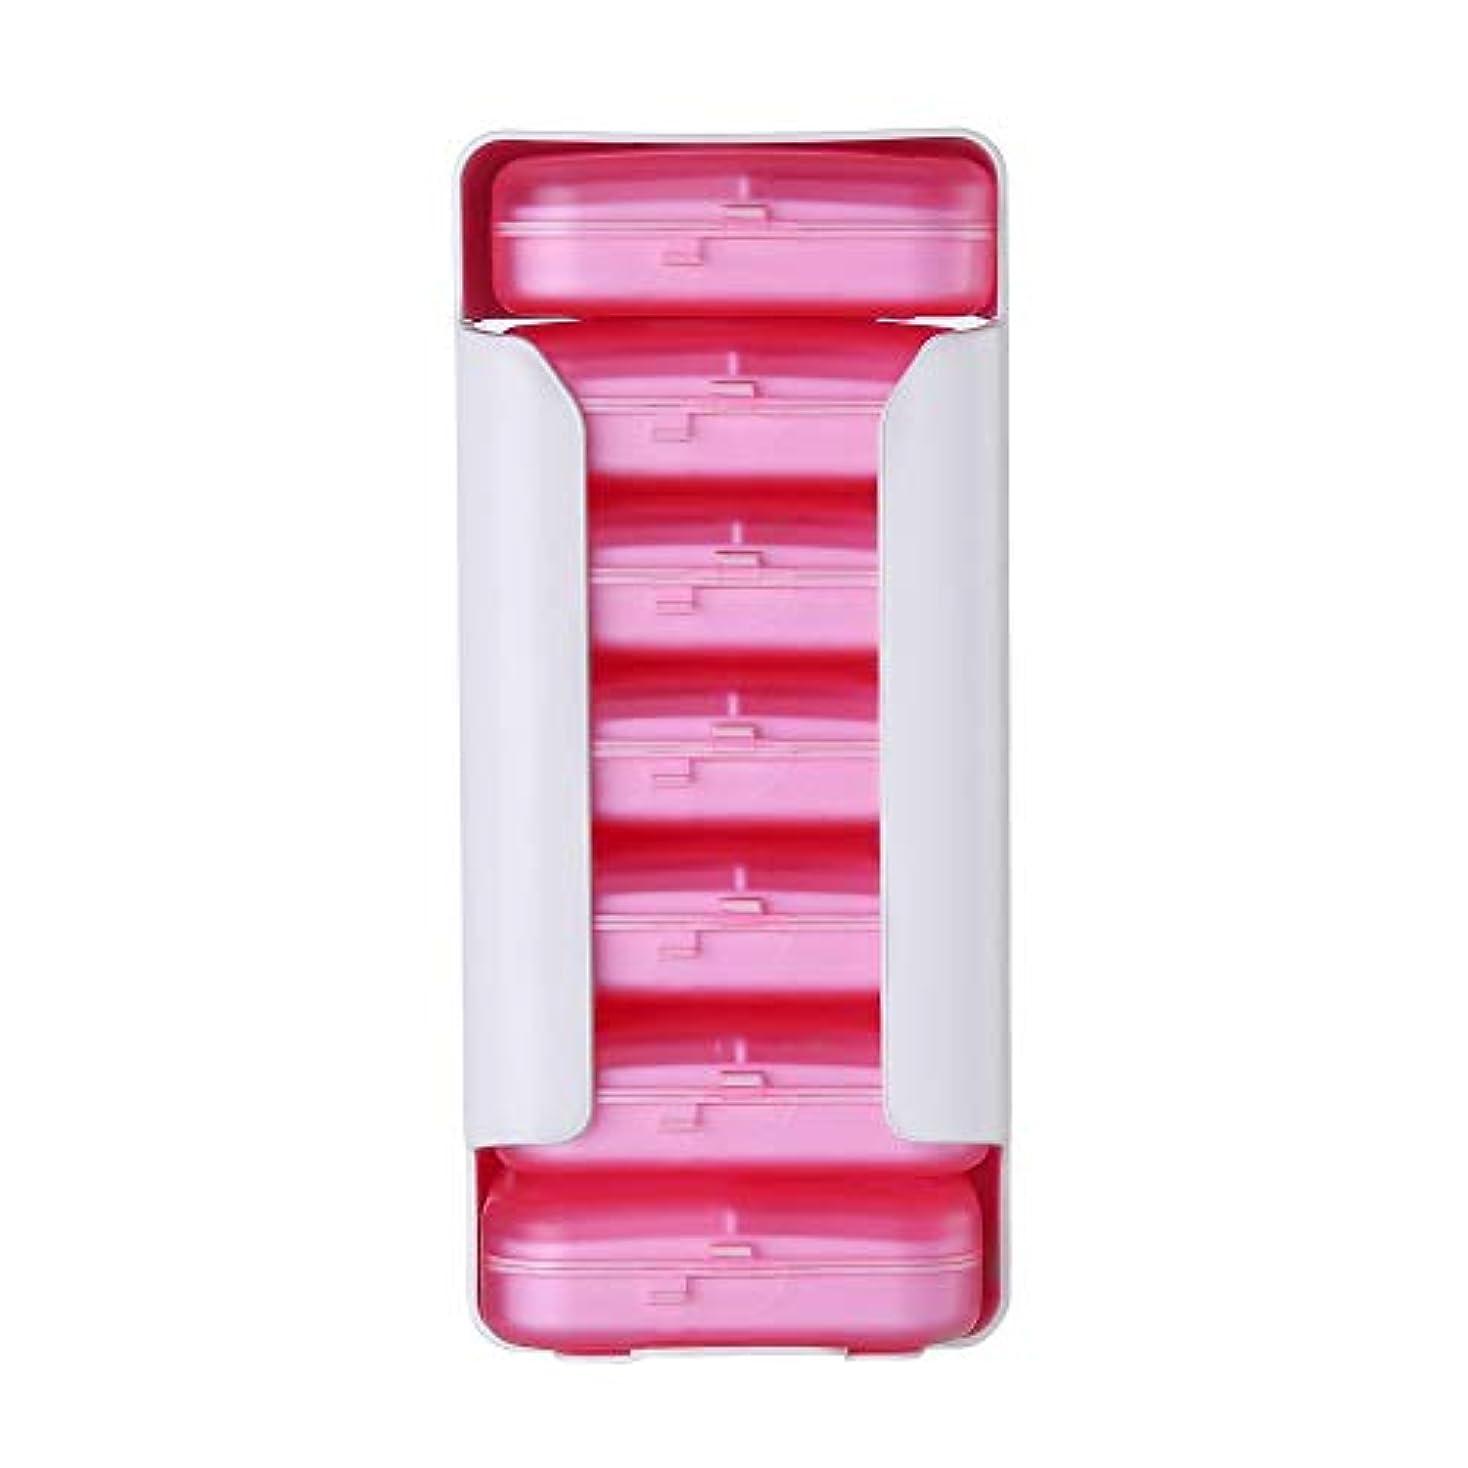 手のひら乗って機械的にピルボックス、薬オーガナイザー7日ディスペンサープラスチック容器リマインダーソーターボックスタイマーコンパートメントストレージ